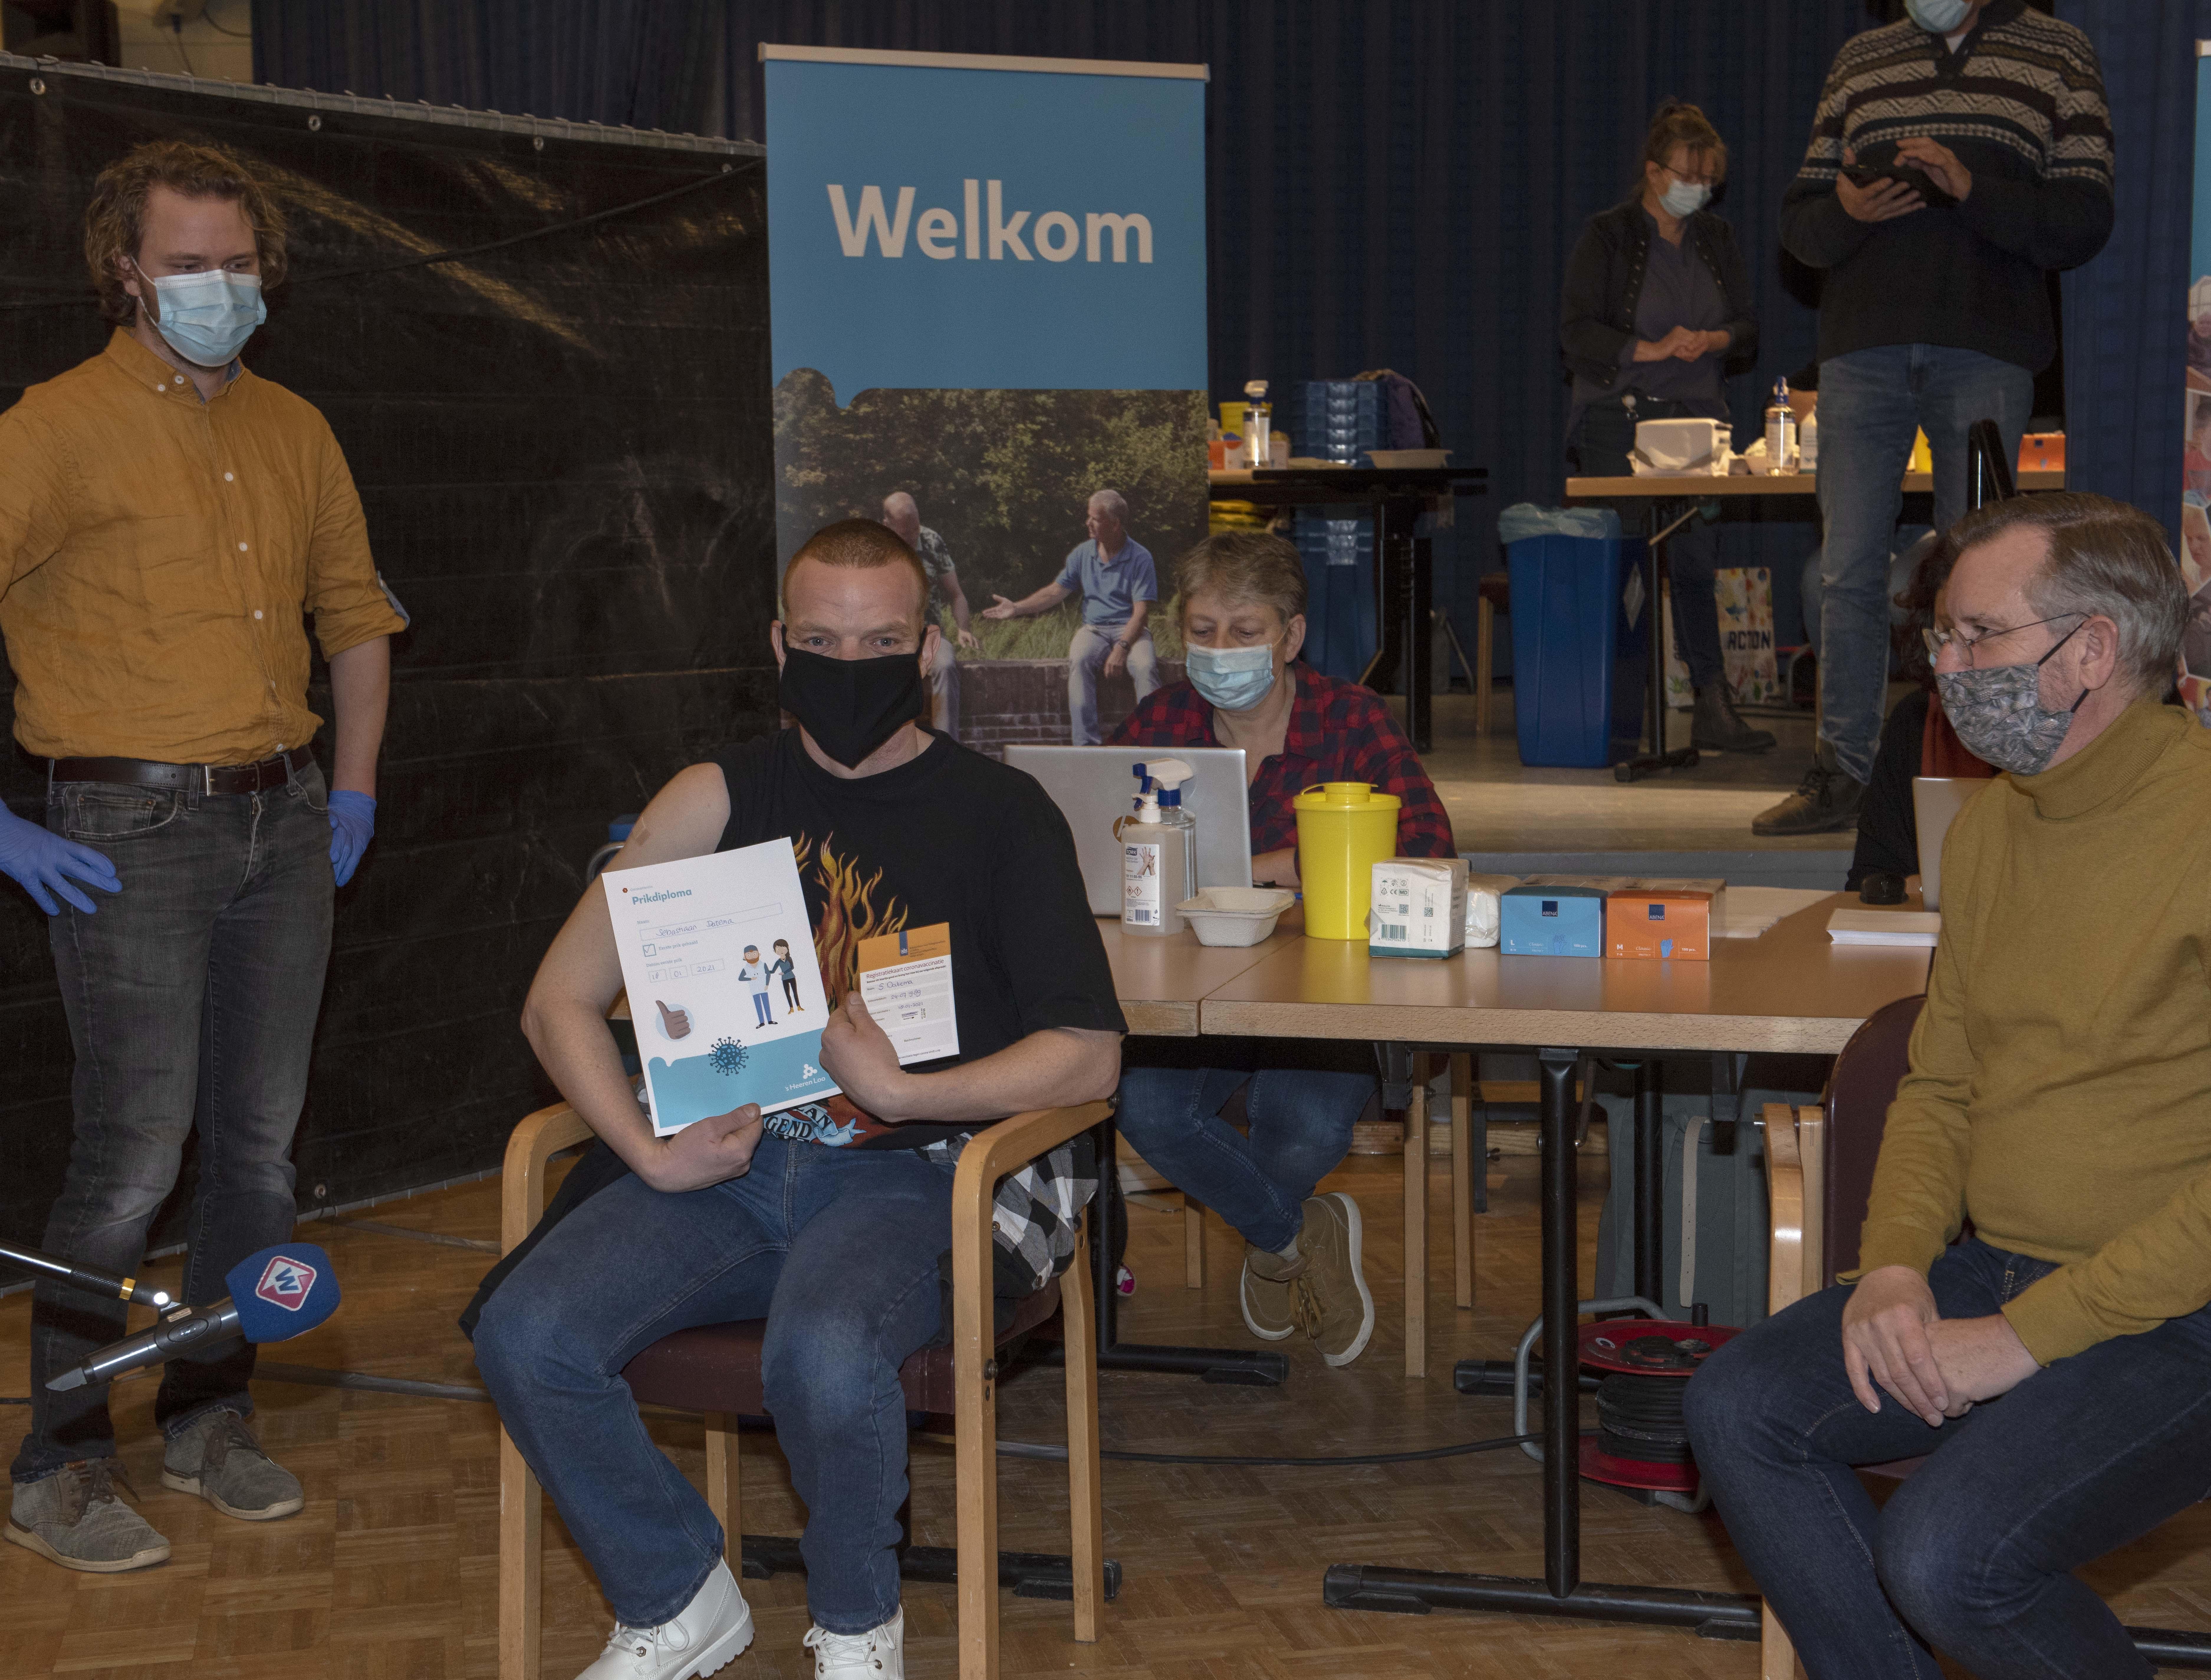 Eerste prik in 's Heeren Loo Noordwijk voor Sebastiaan Datema: 'Als ze maar niet als een dartpijl, die naald in mijn arm schieten'